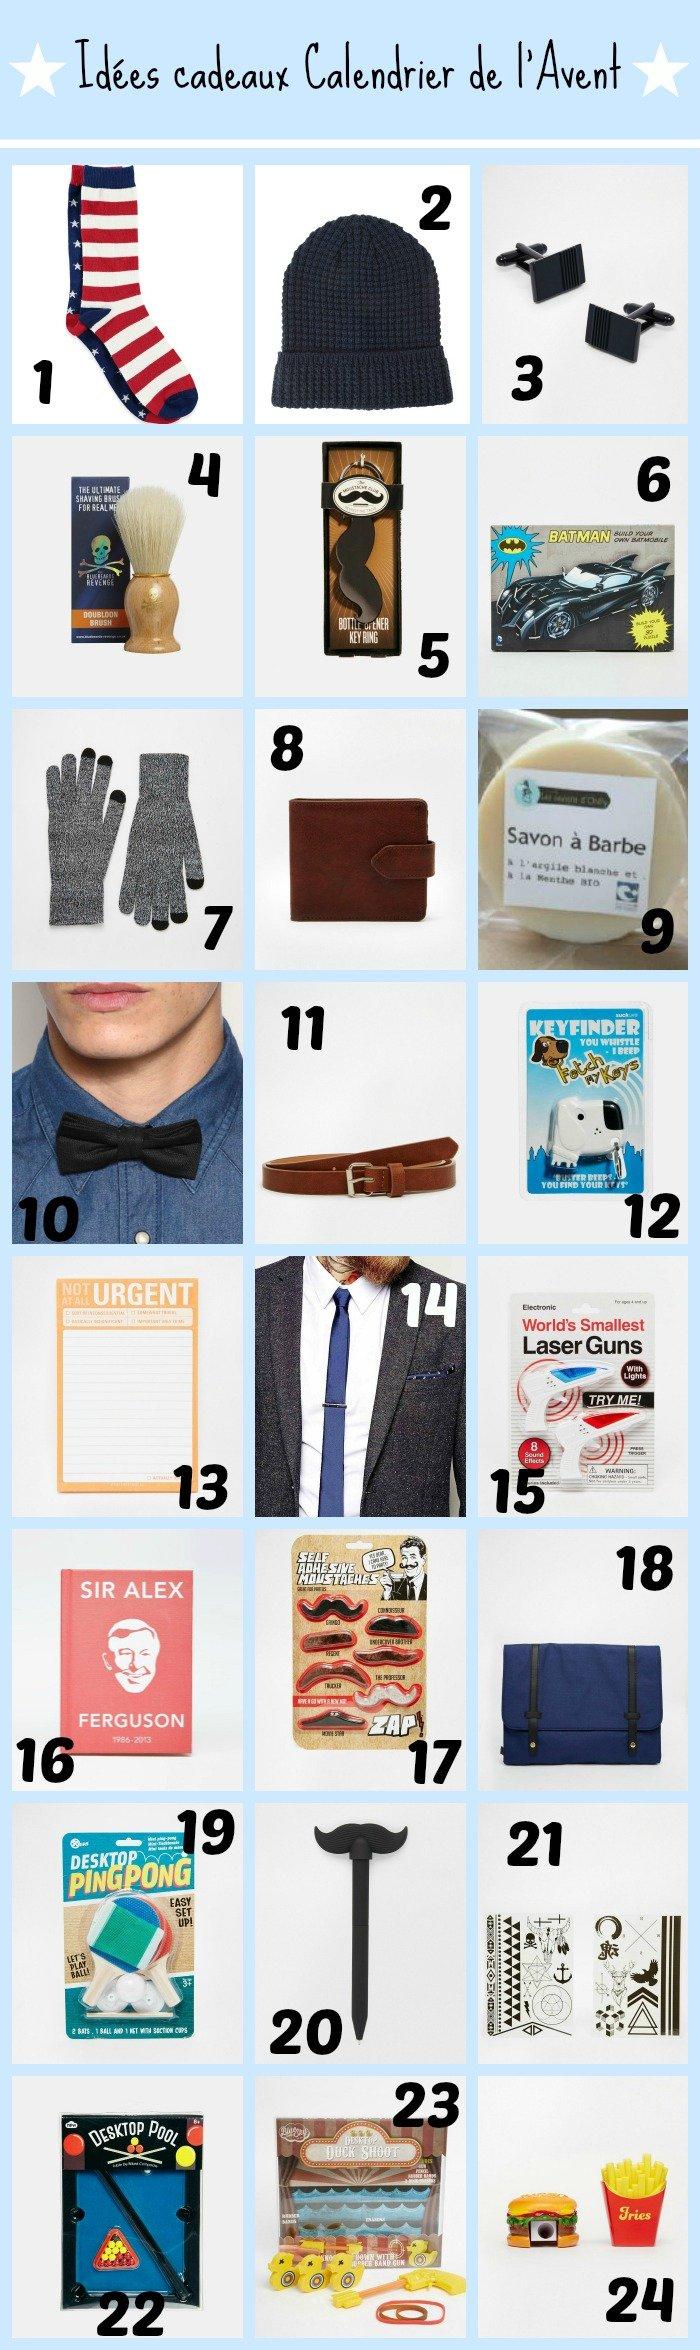 Idées cadeaux calendrier de lAvent pour Hommes - With a love like ...